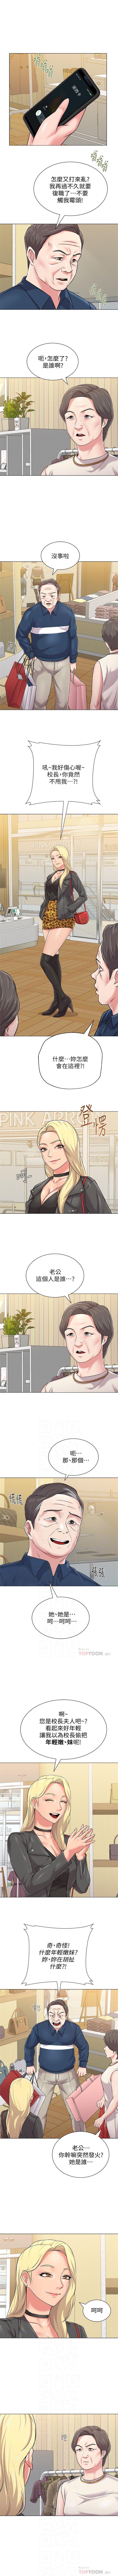 (周3)老师 1-56 中文翻译(更新中) 365